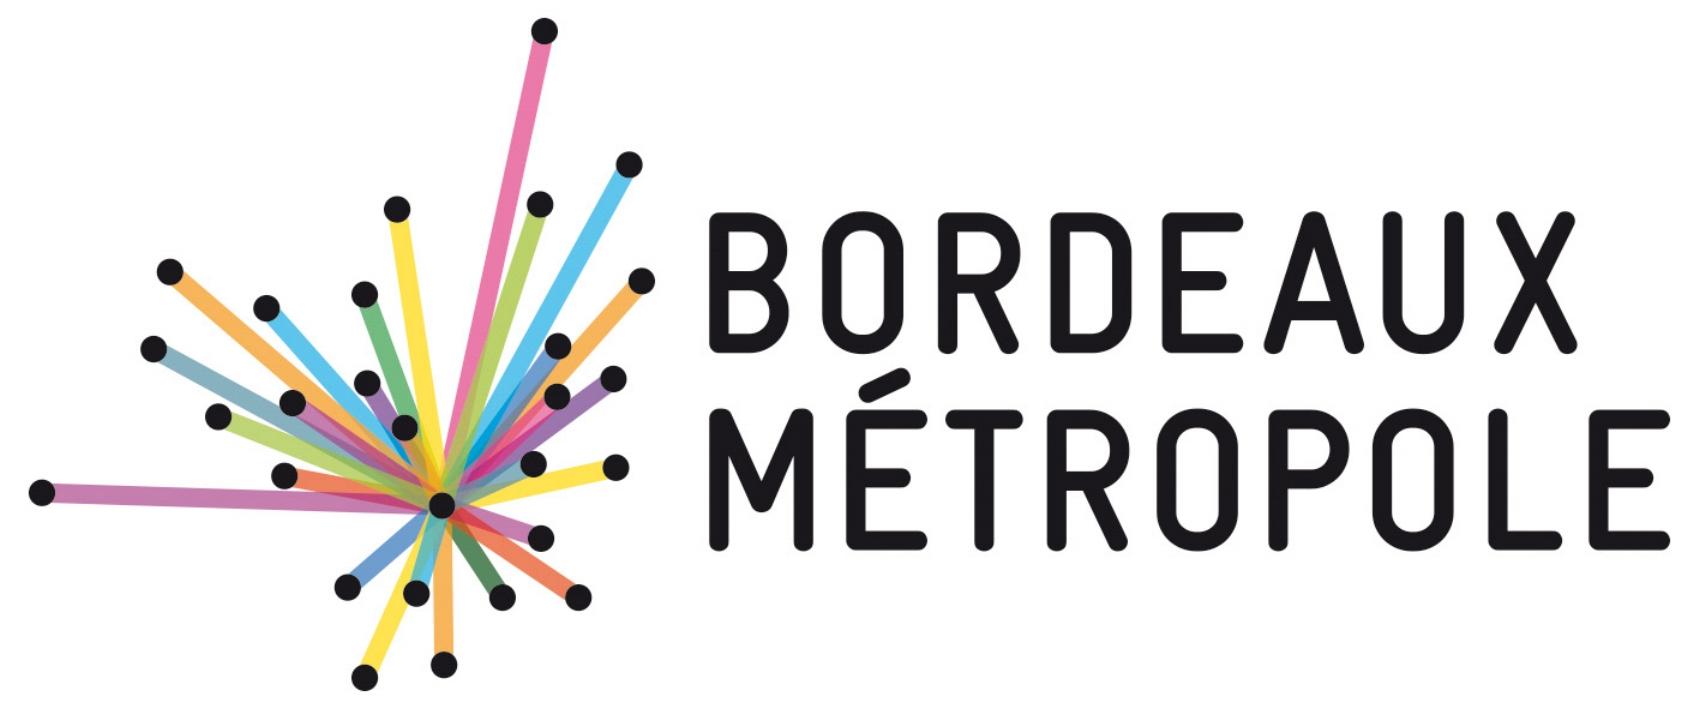 BORDEAUX MÉTROPOLE    TERRITOIRE DURABLE À HAUTE QUALITÉ DE VIE    http://www.bordeaux-metropole.fr/Espace-presse/Bordeaux-Metropole-un-territoire-a-haute-qualite-de-vie